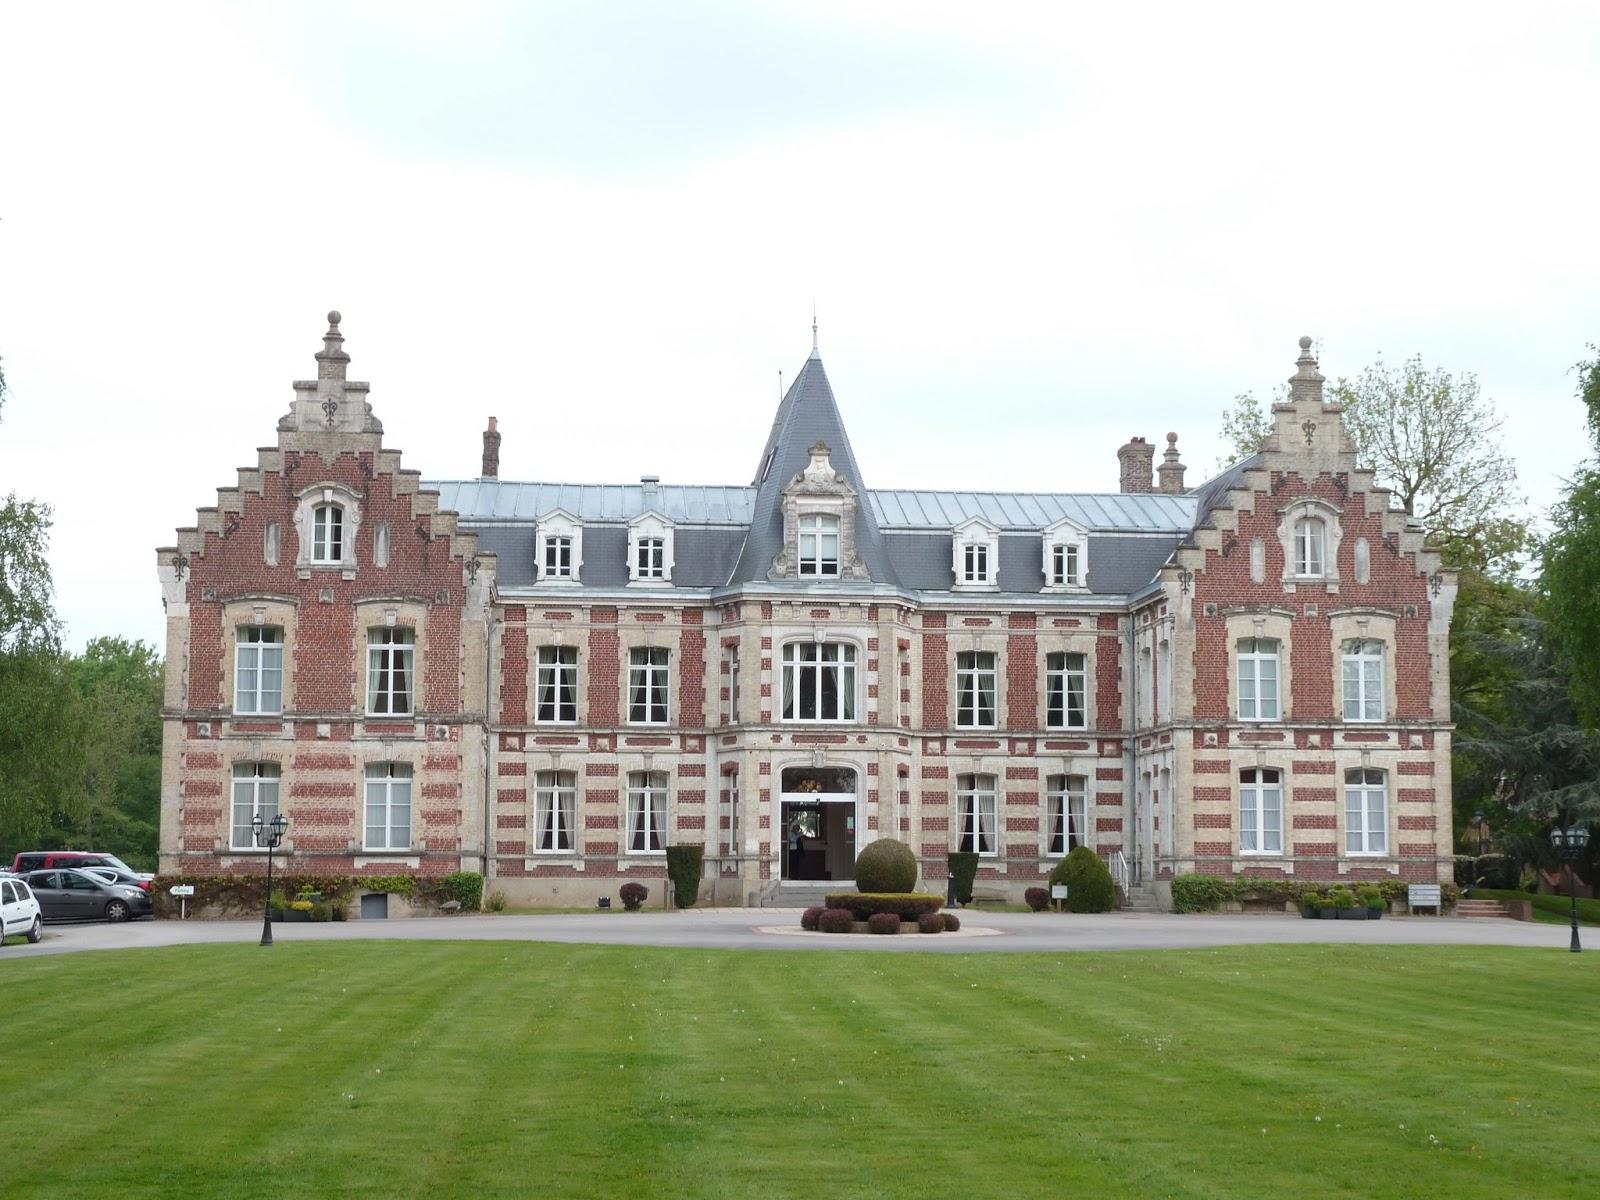 mariage le chteau de tilques st omer client xxl organisation - Chateau De Tilques Mariage